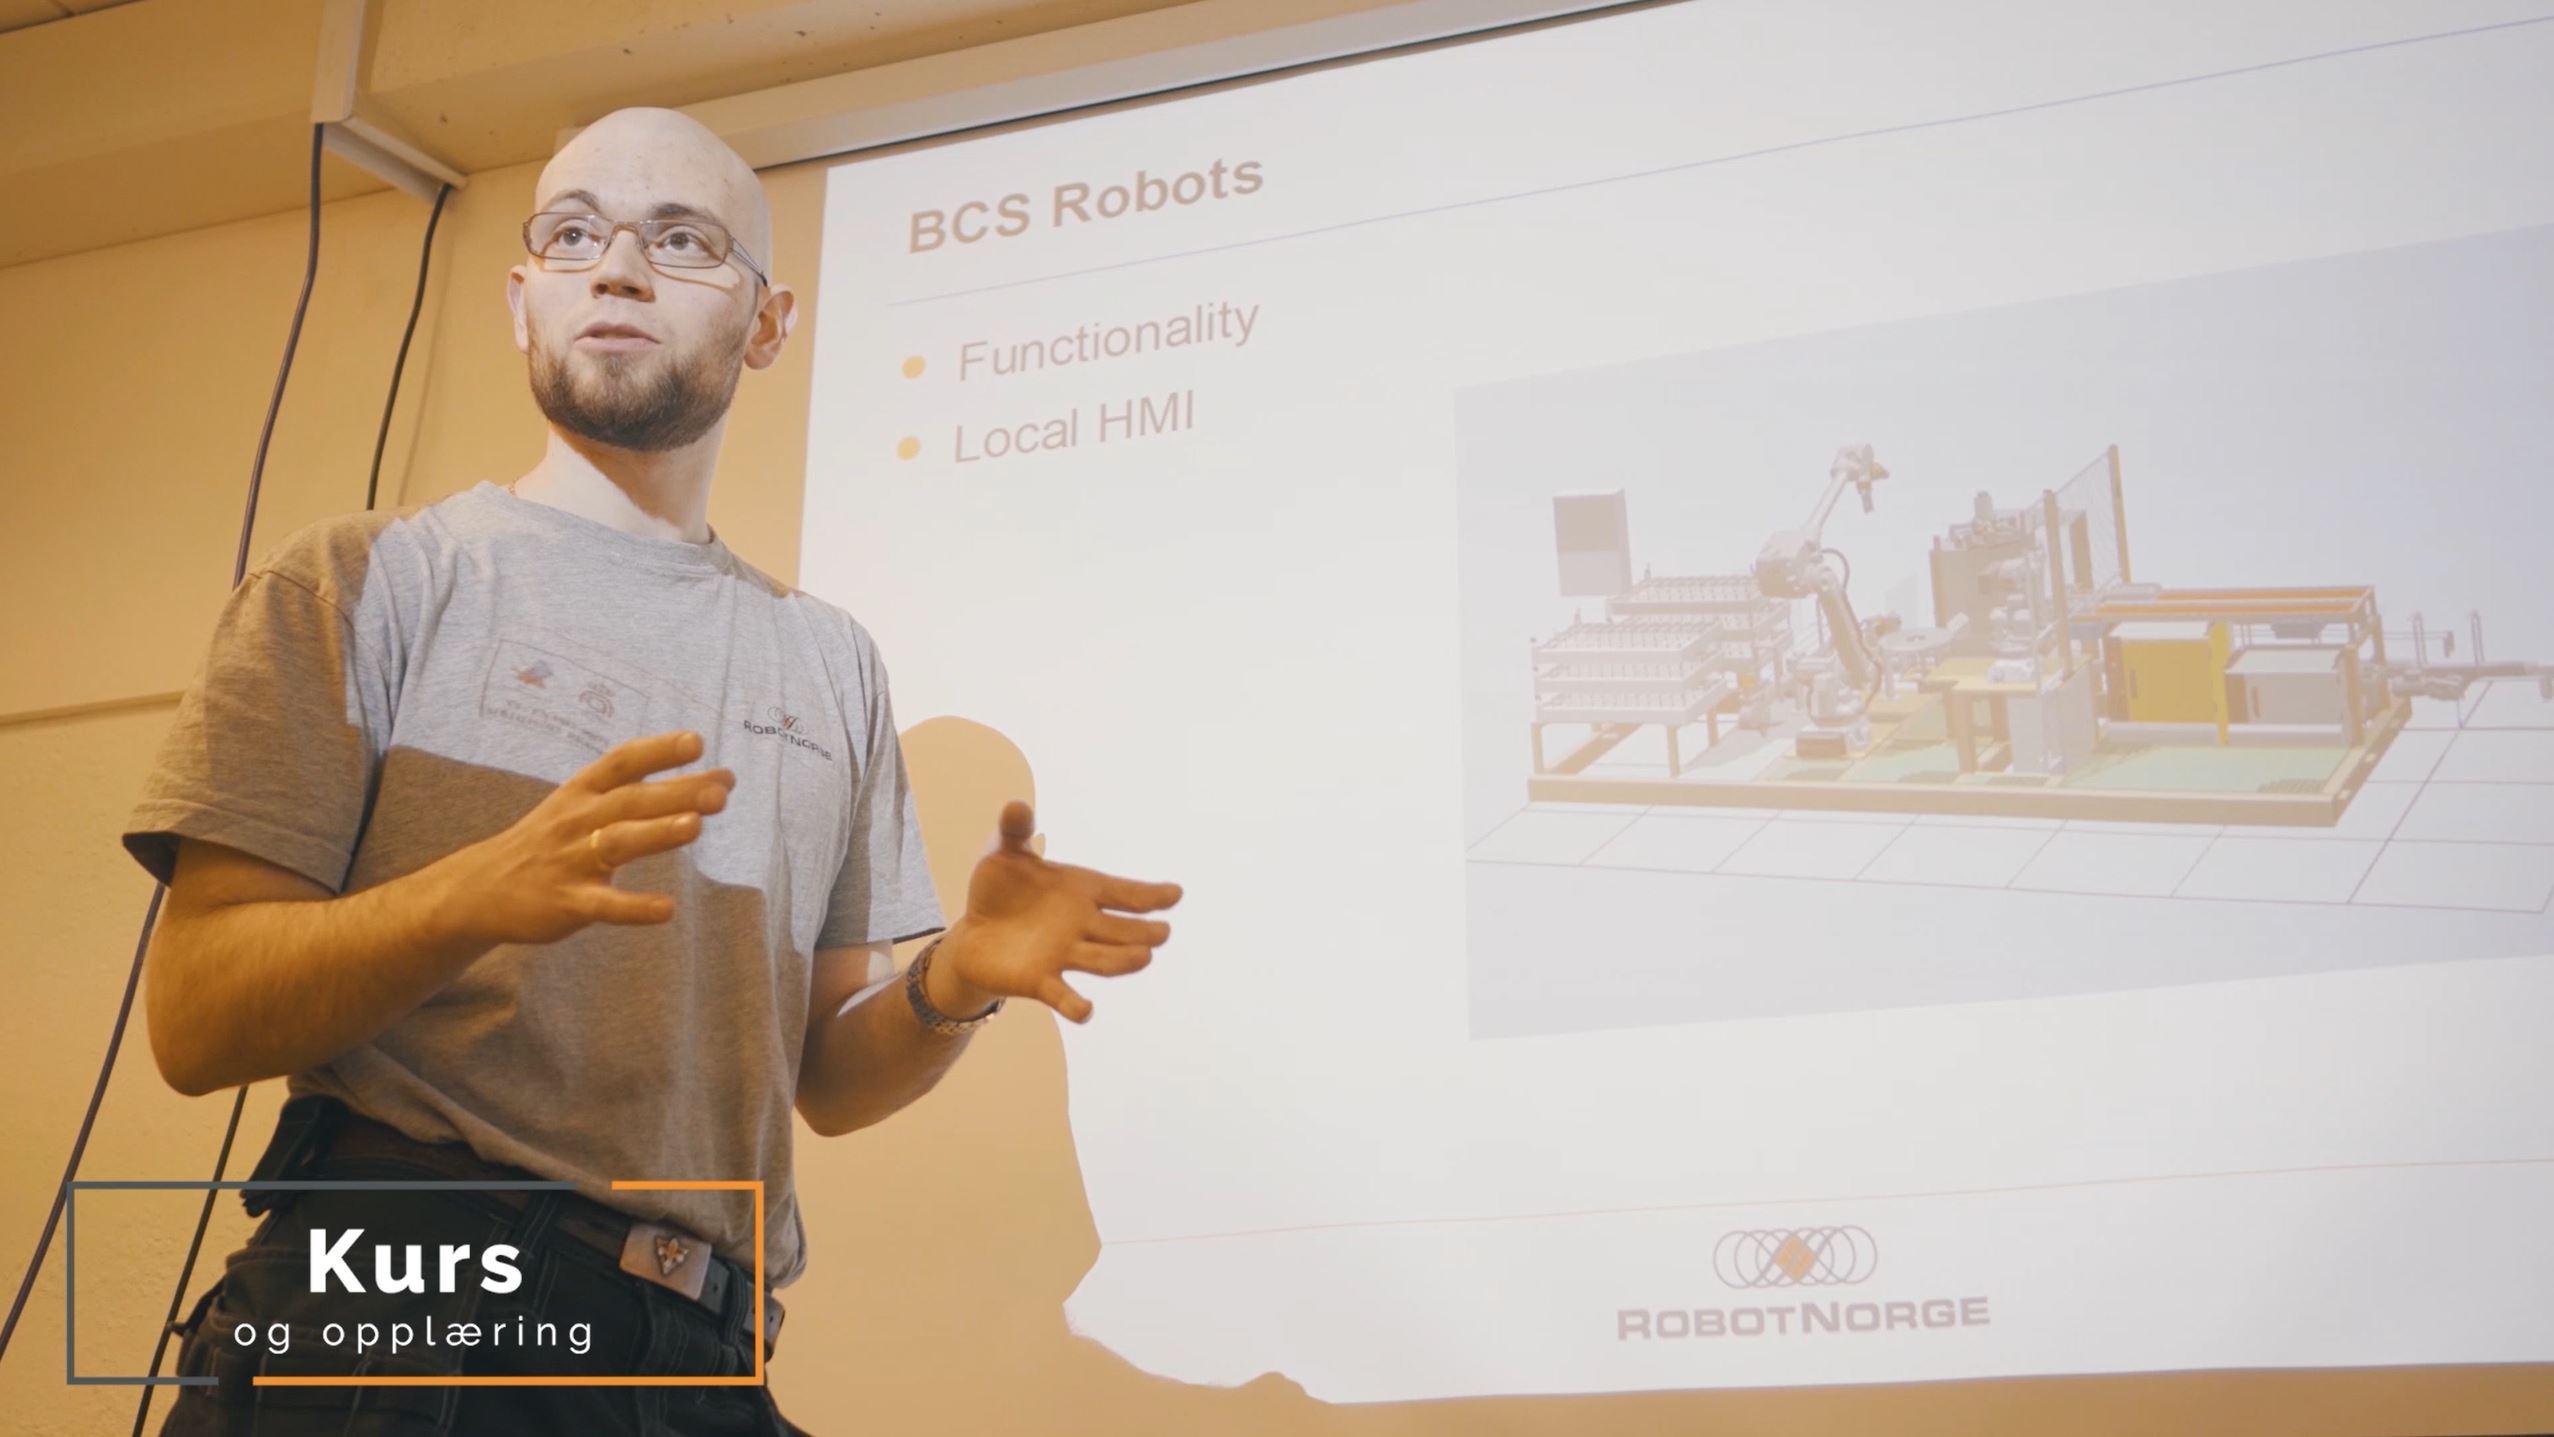 Kurs og opplæring på ettermarked